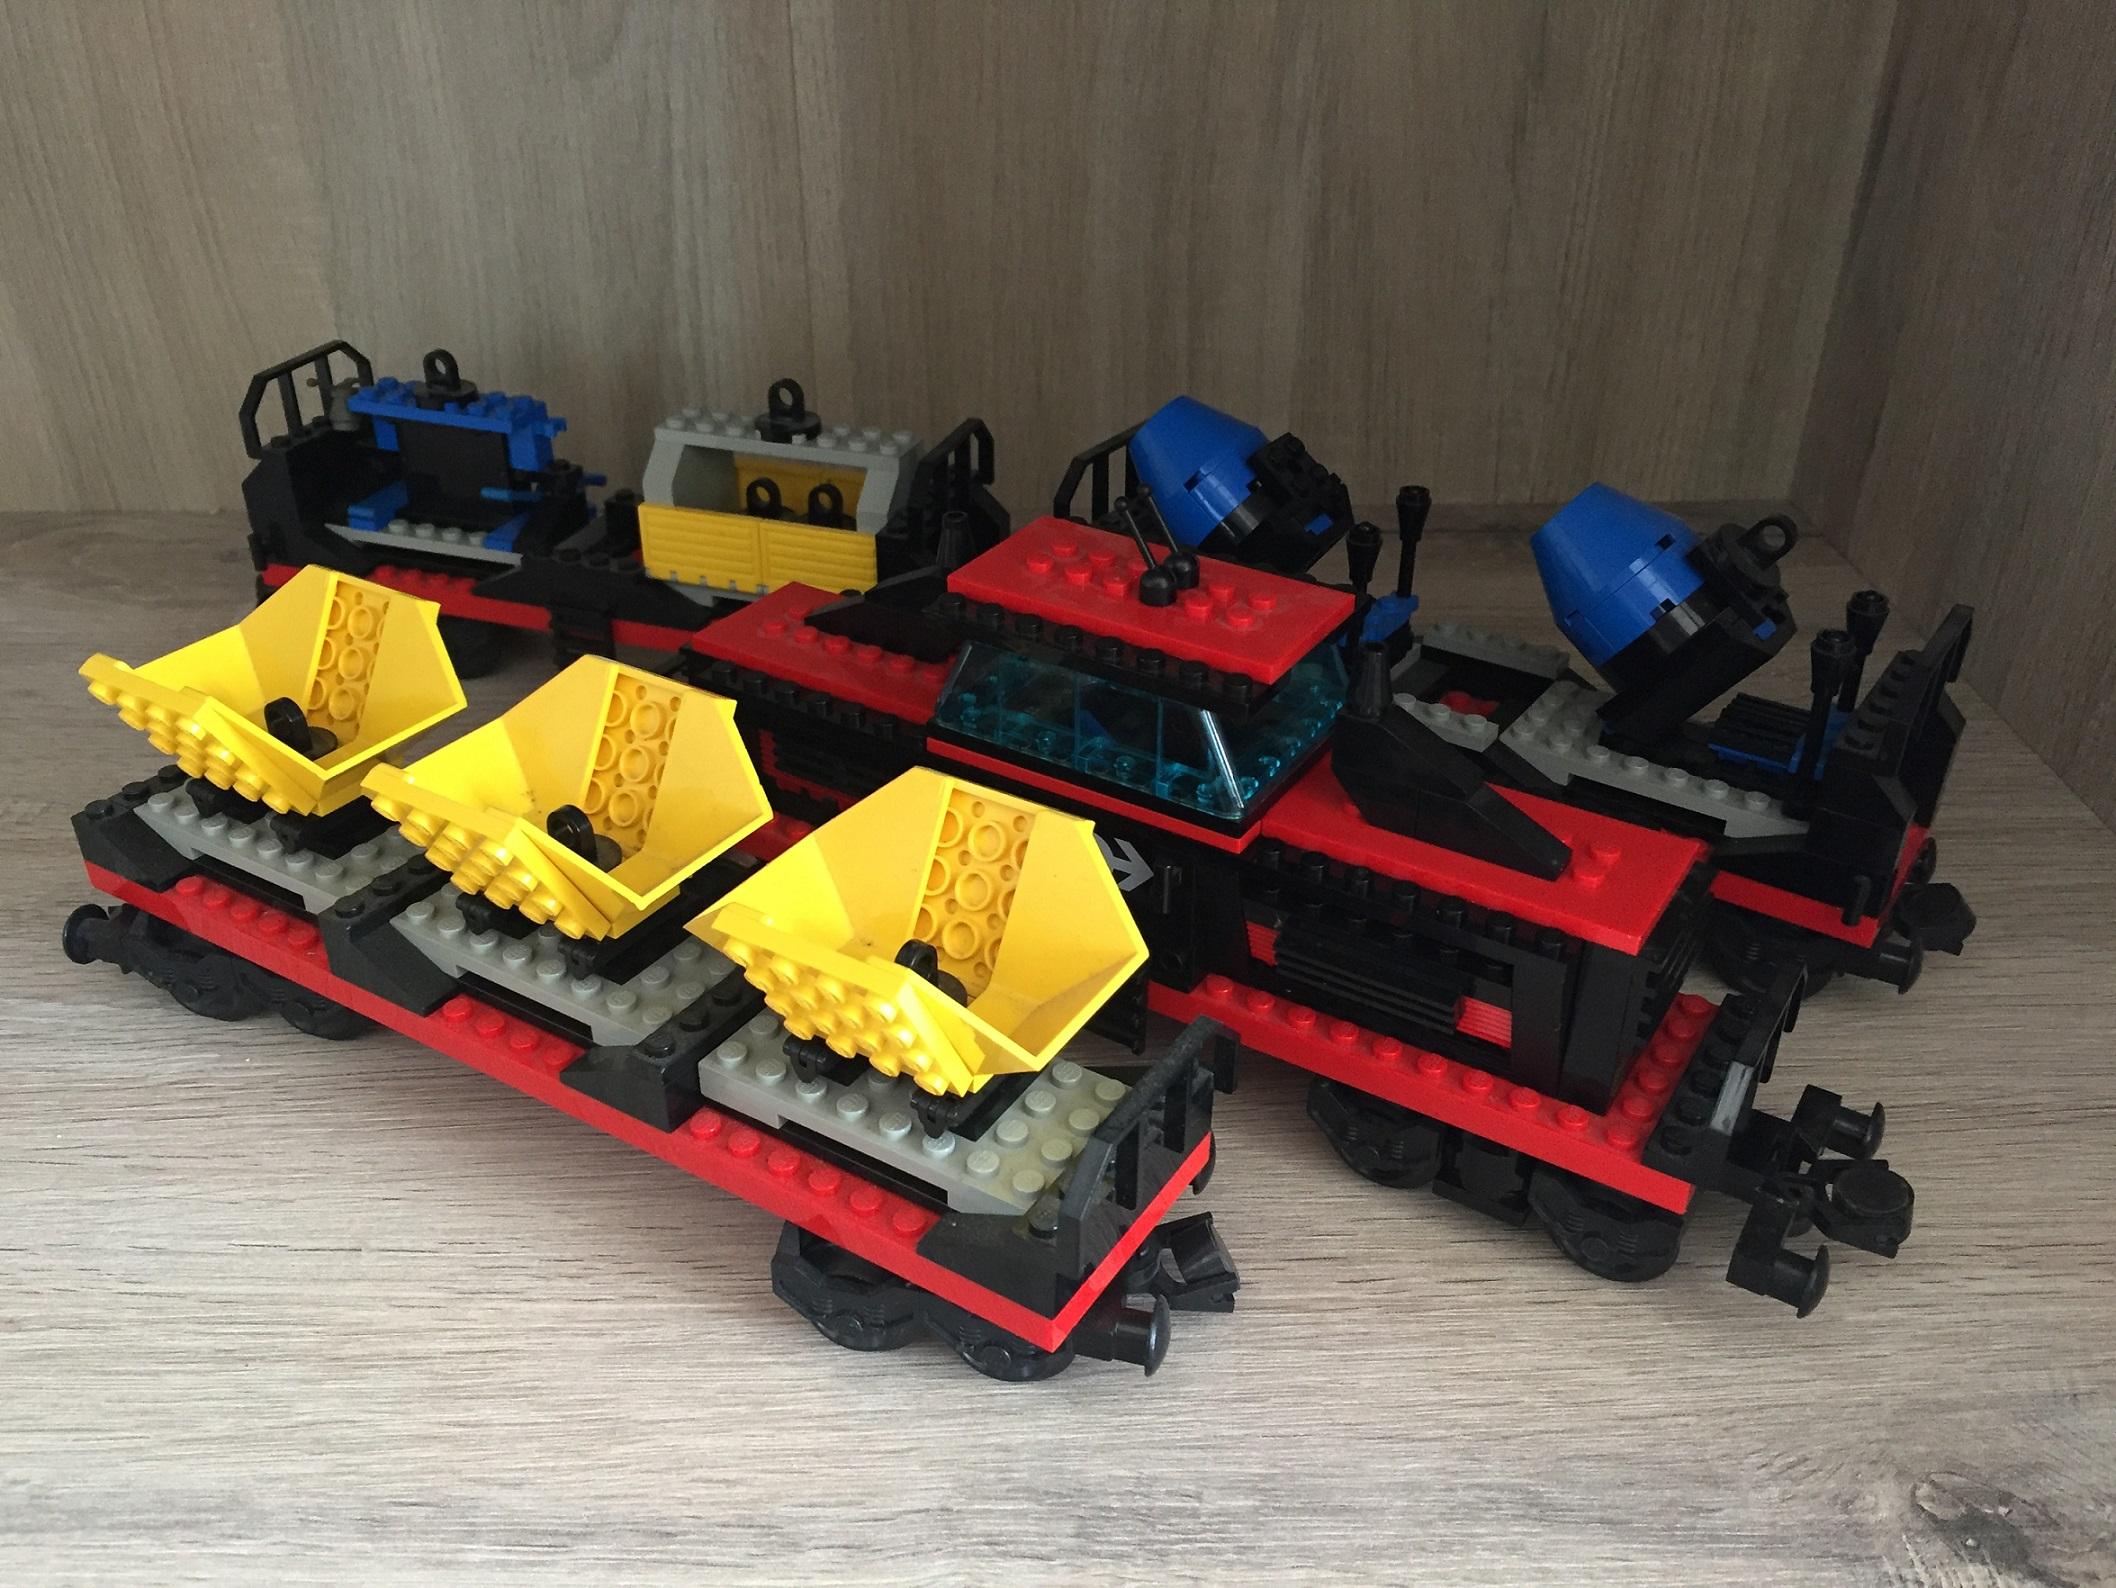 LEGO SYSTEM 4565 TRAIN DE MARCHANDISE RAILWAY 9V